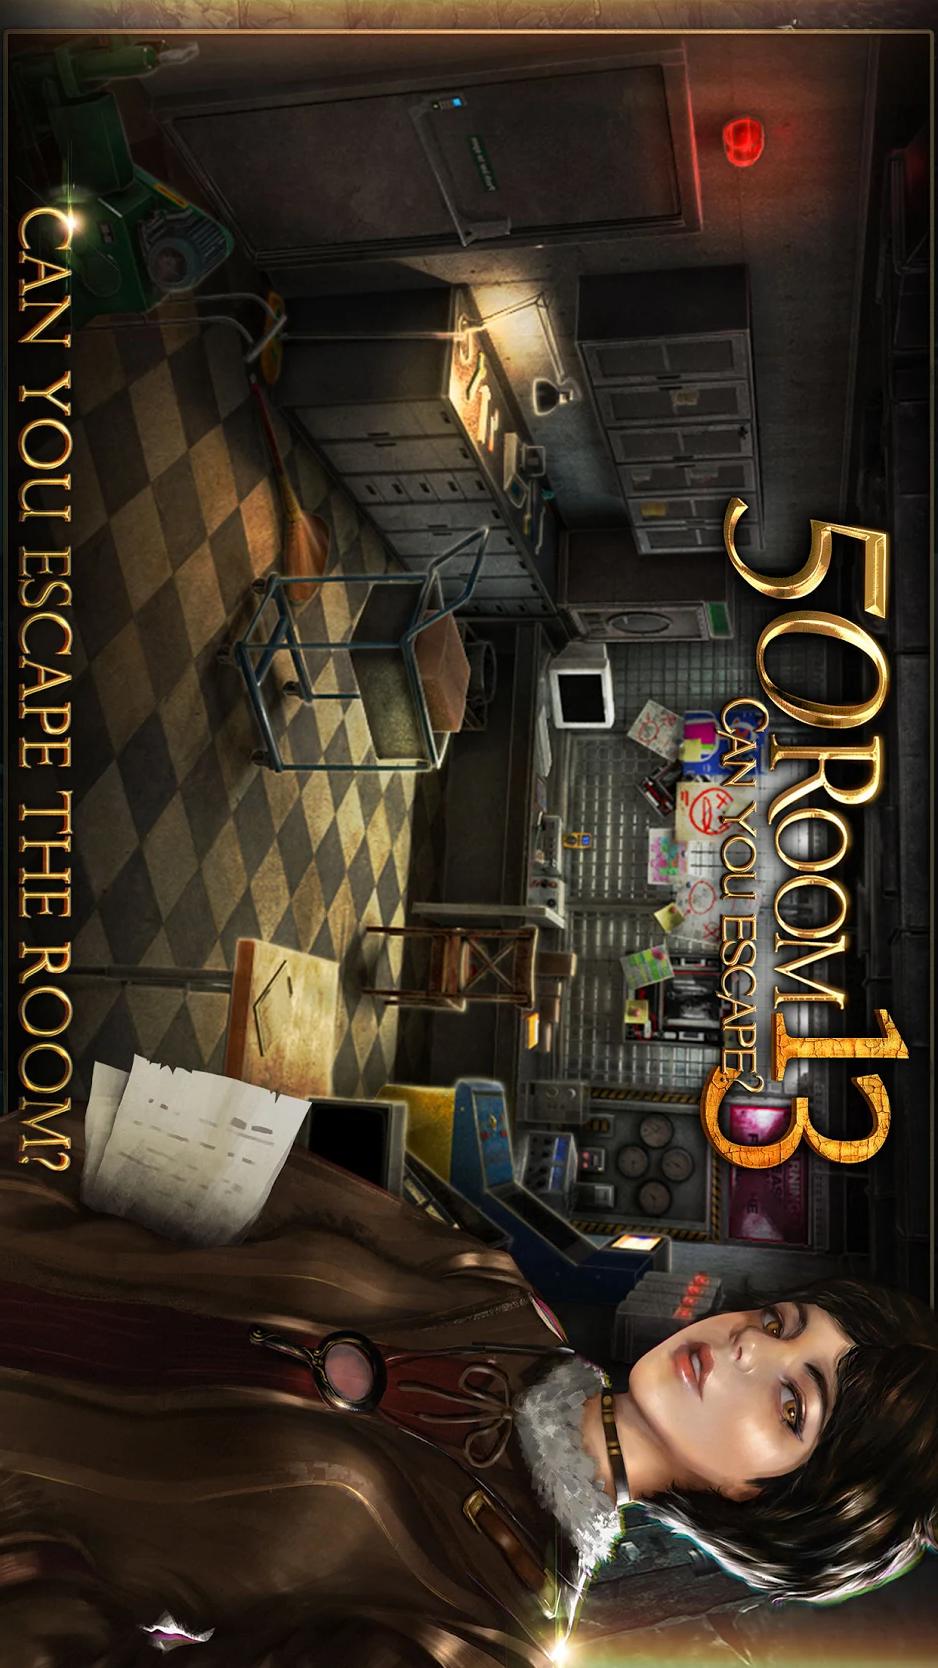 密室逃脱:挑战100个房间13游戏截图